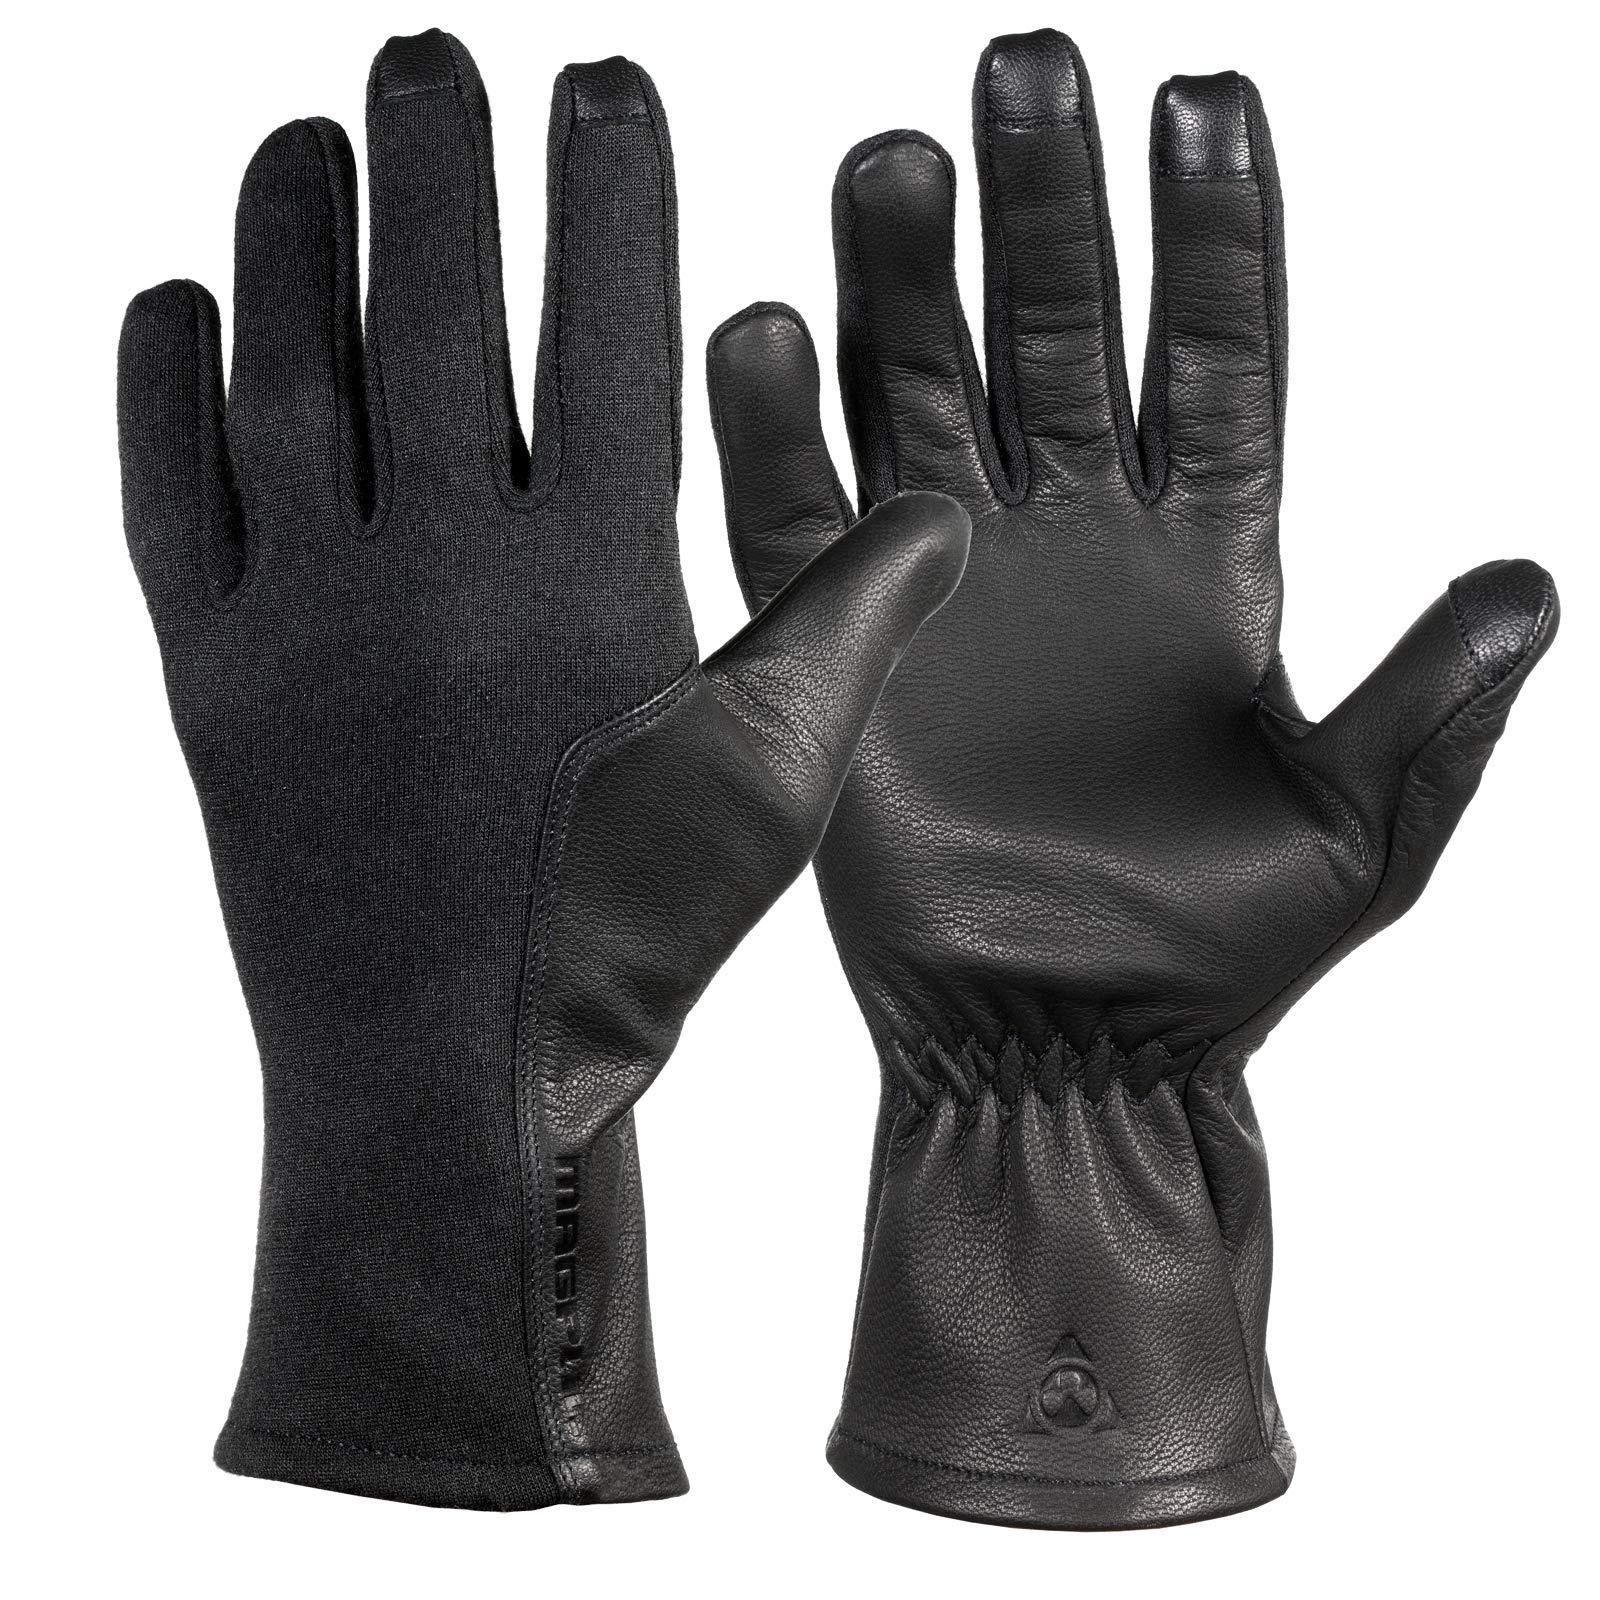 Magpul Core Flight Modern Nomex Gloves Medium, Black, Medium by Magpul (Image #1)